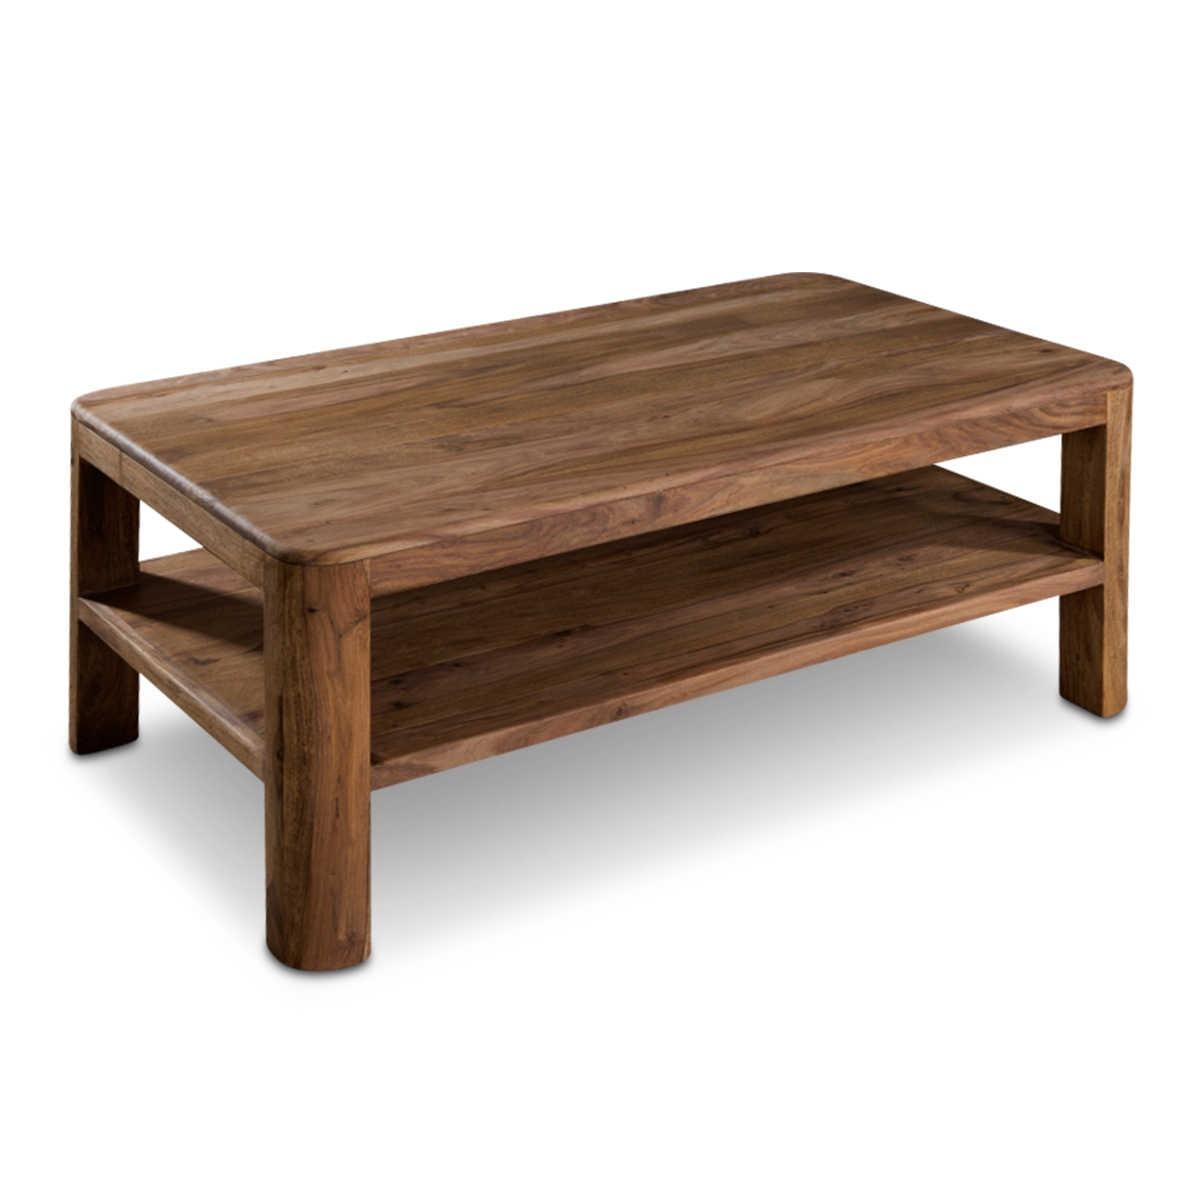 Daheim De Couchtisch New York Sheesham Holz Online Kaufen Bei Woonio